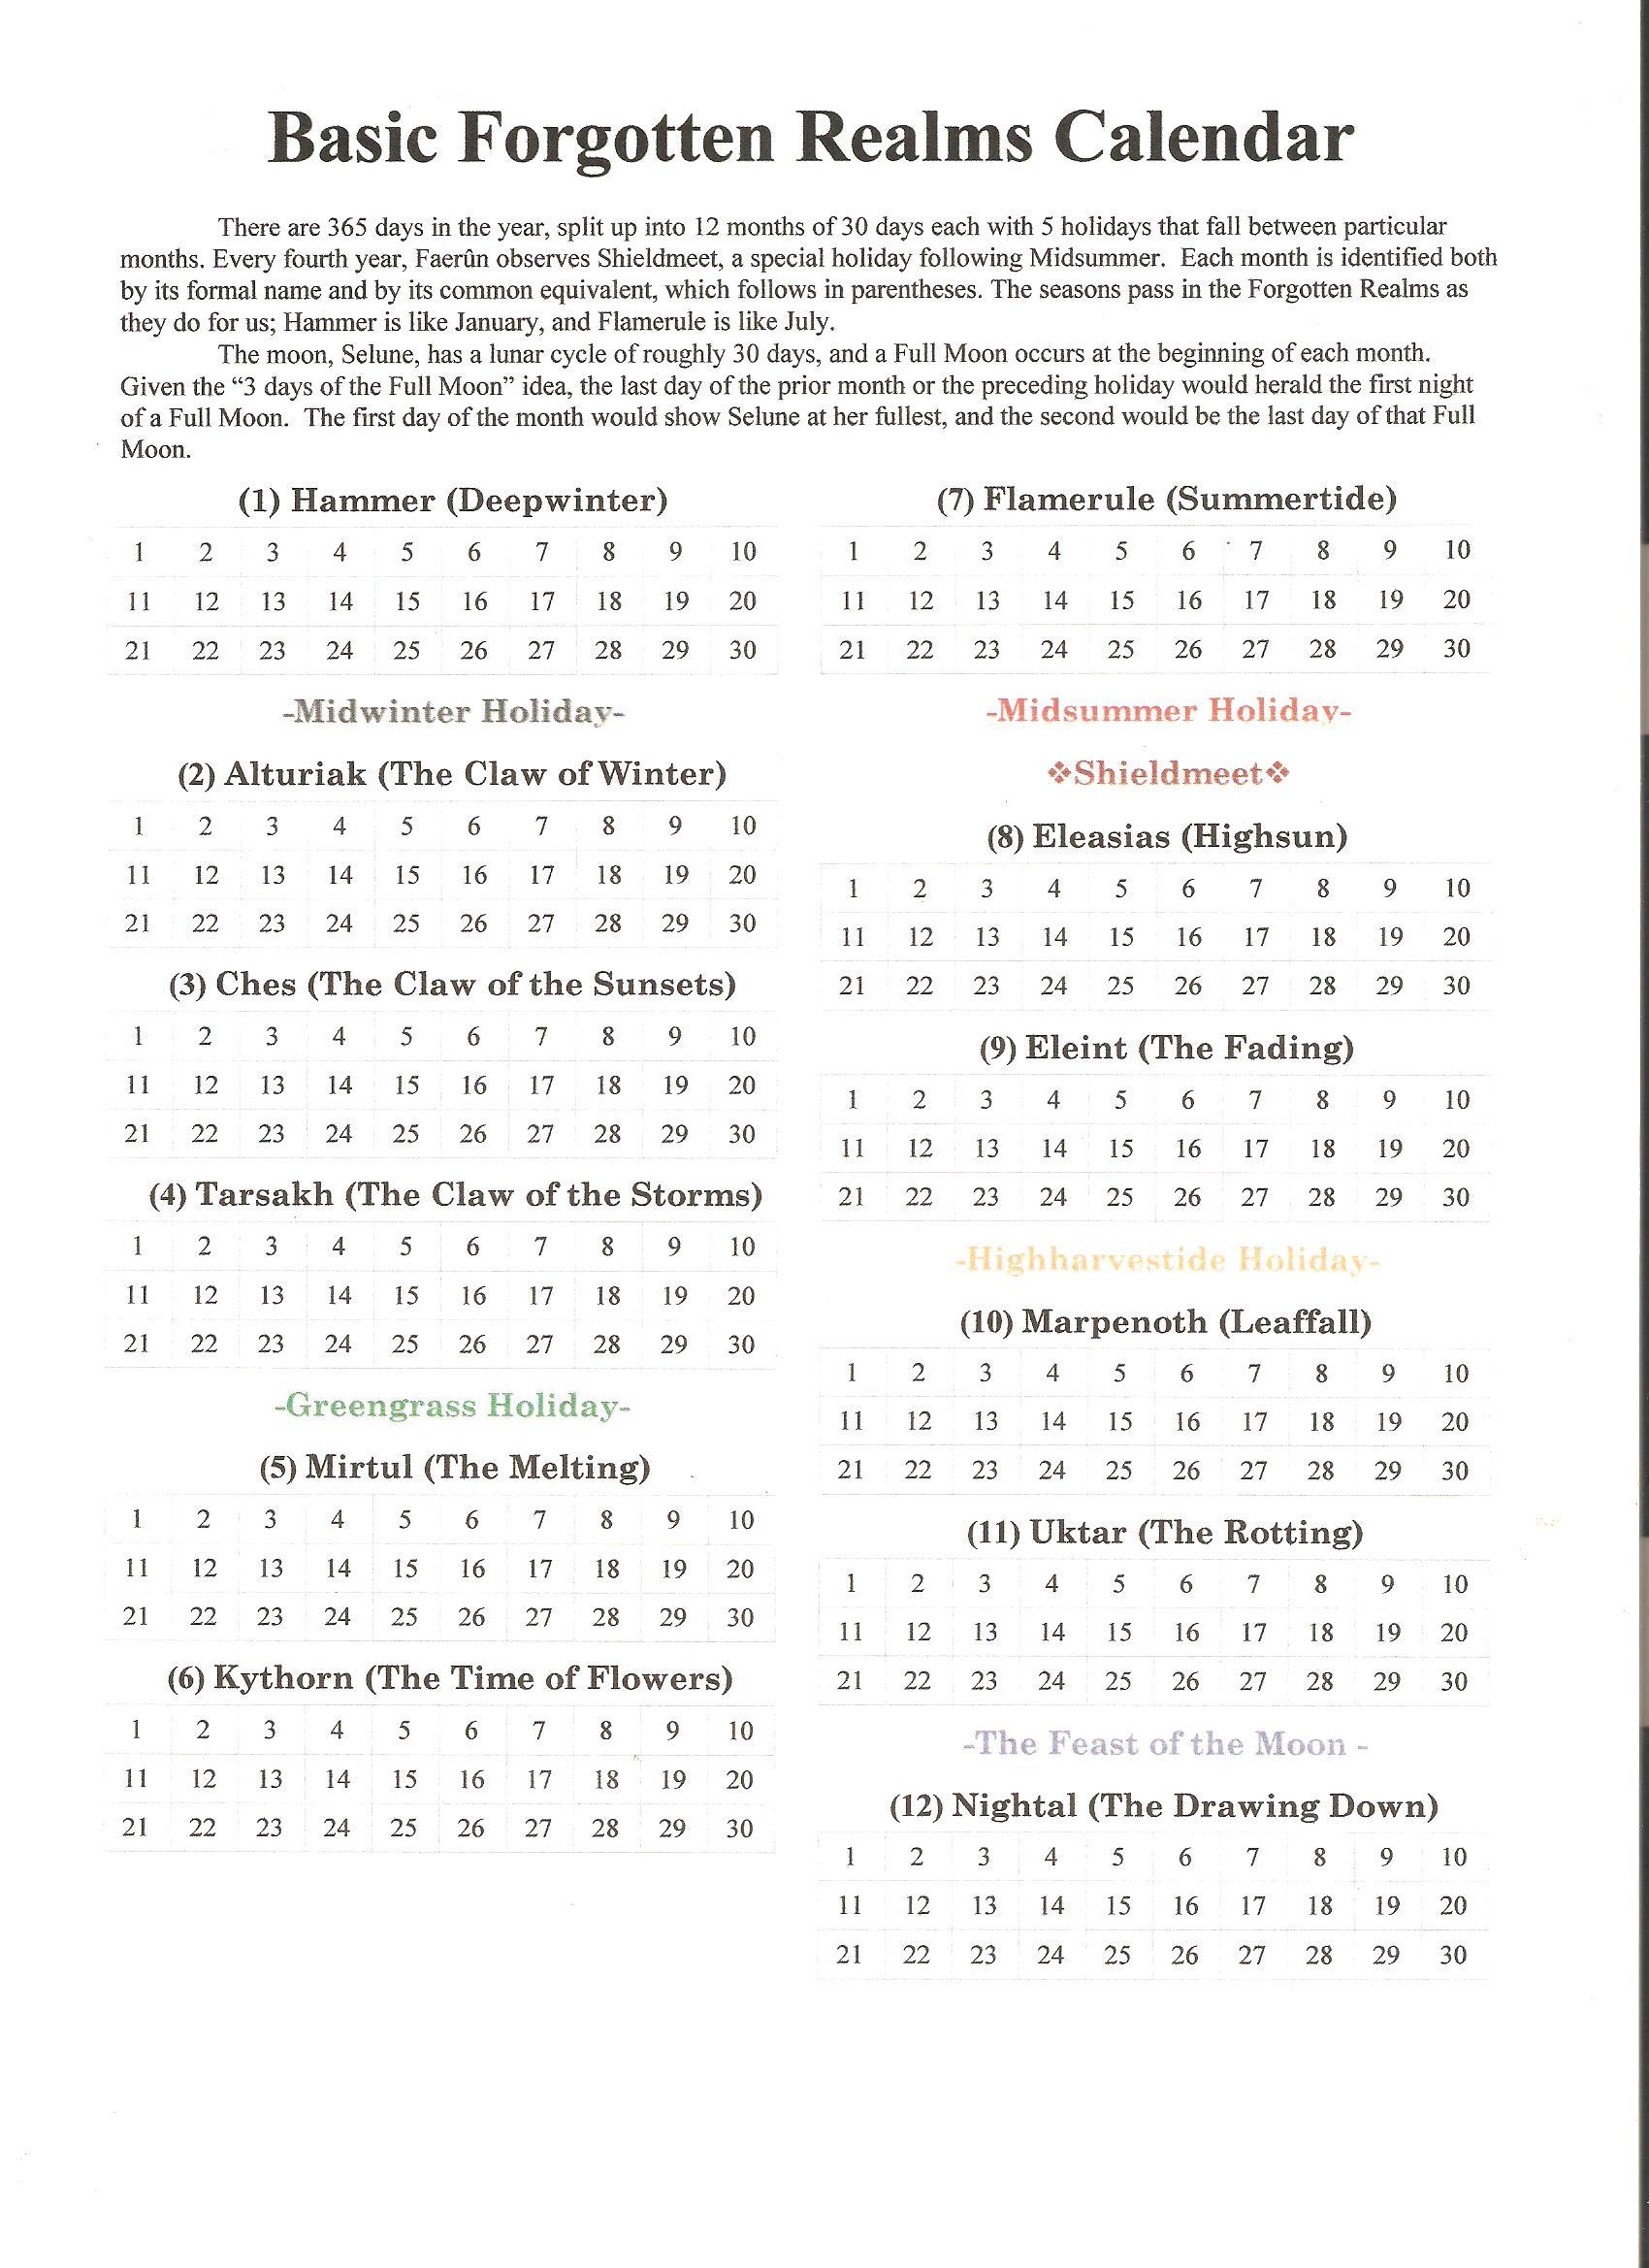 FR_Calendar_001